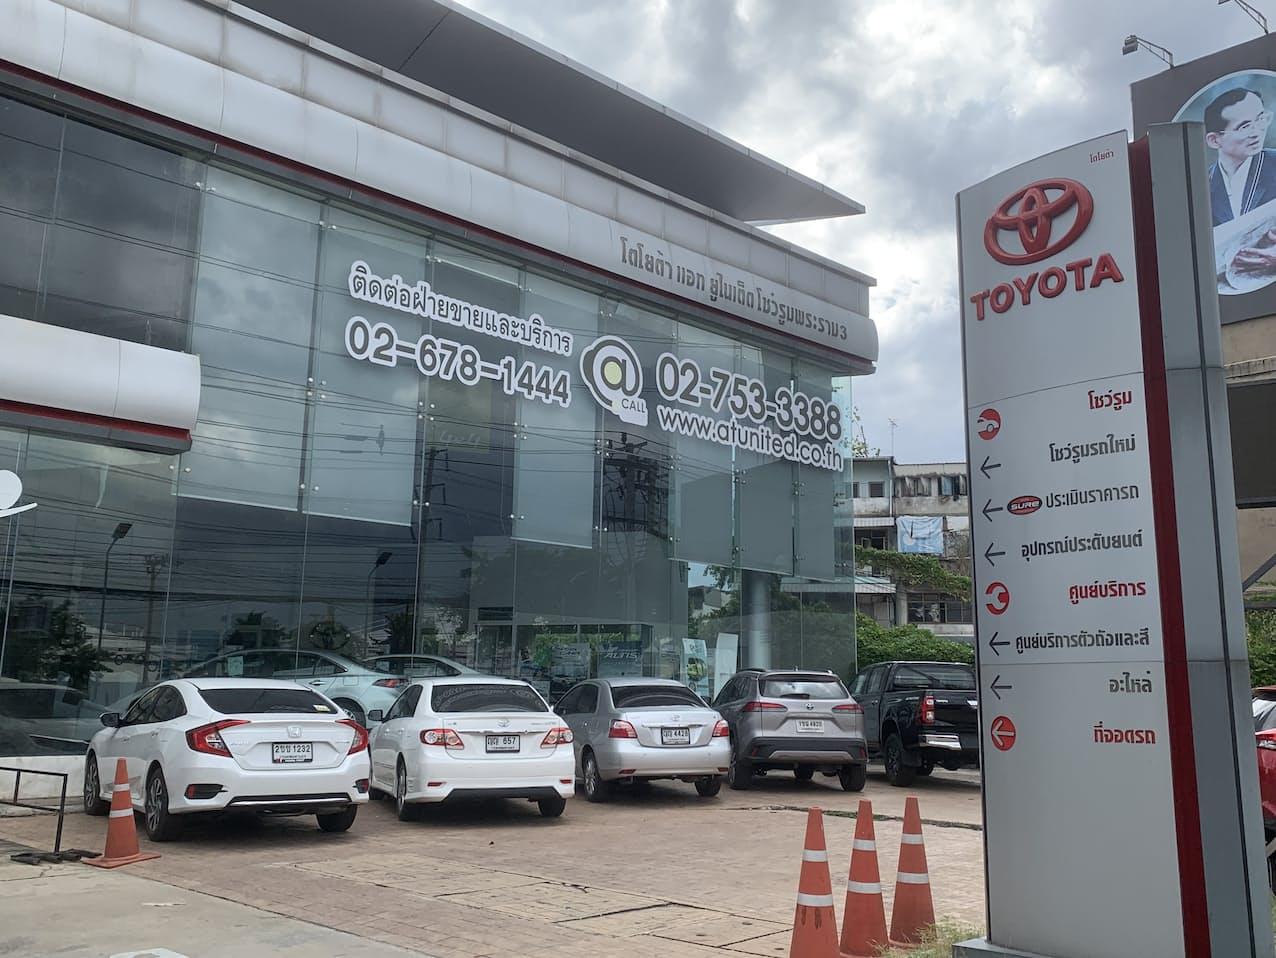 タイ・バンコクにあるトヨタ自動車の販売店